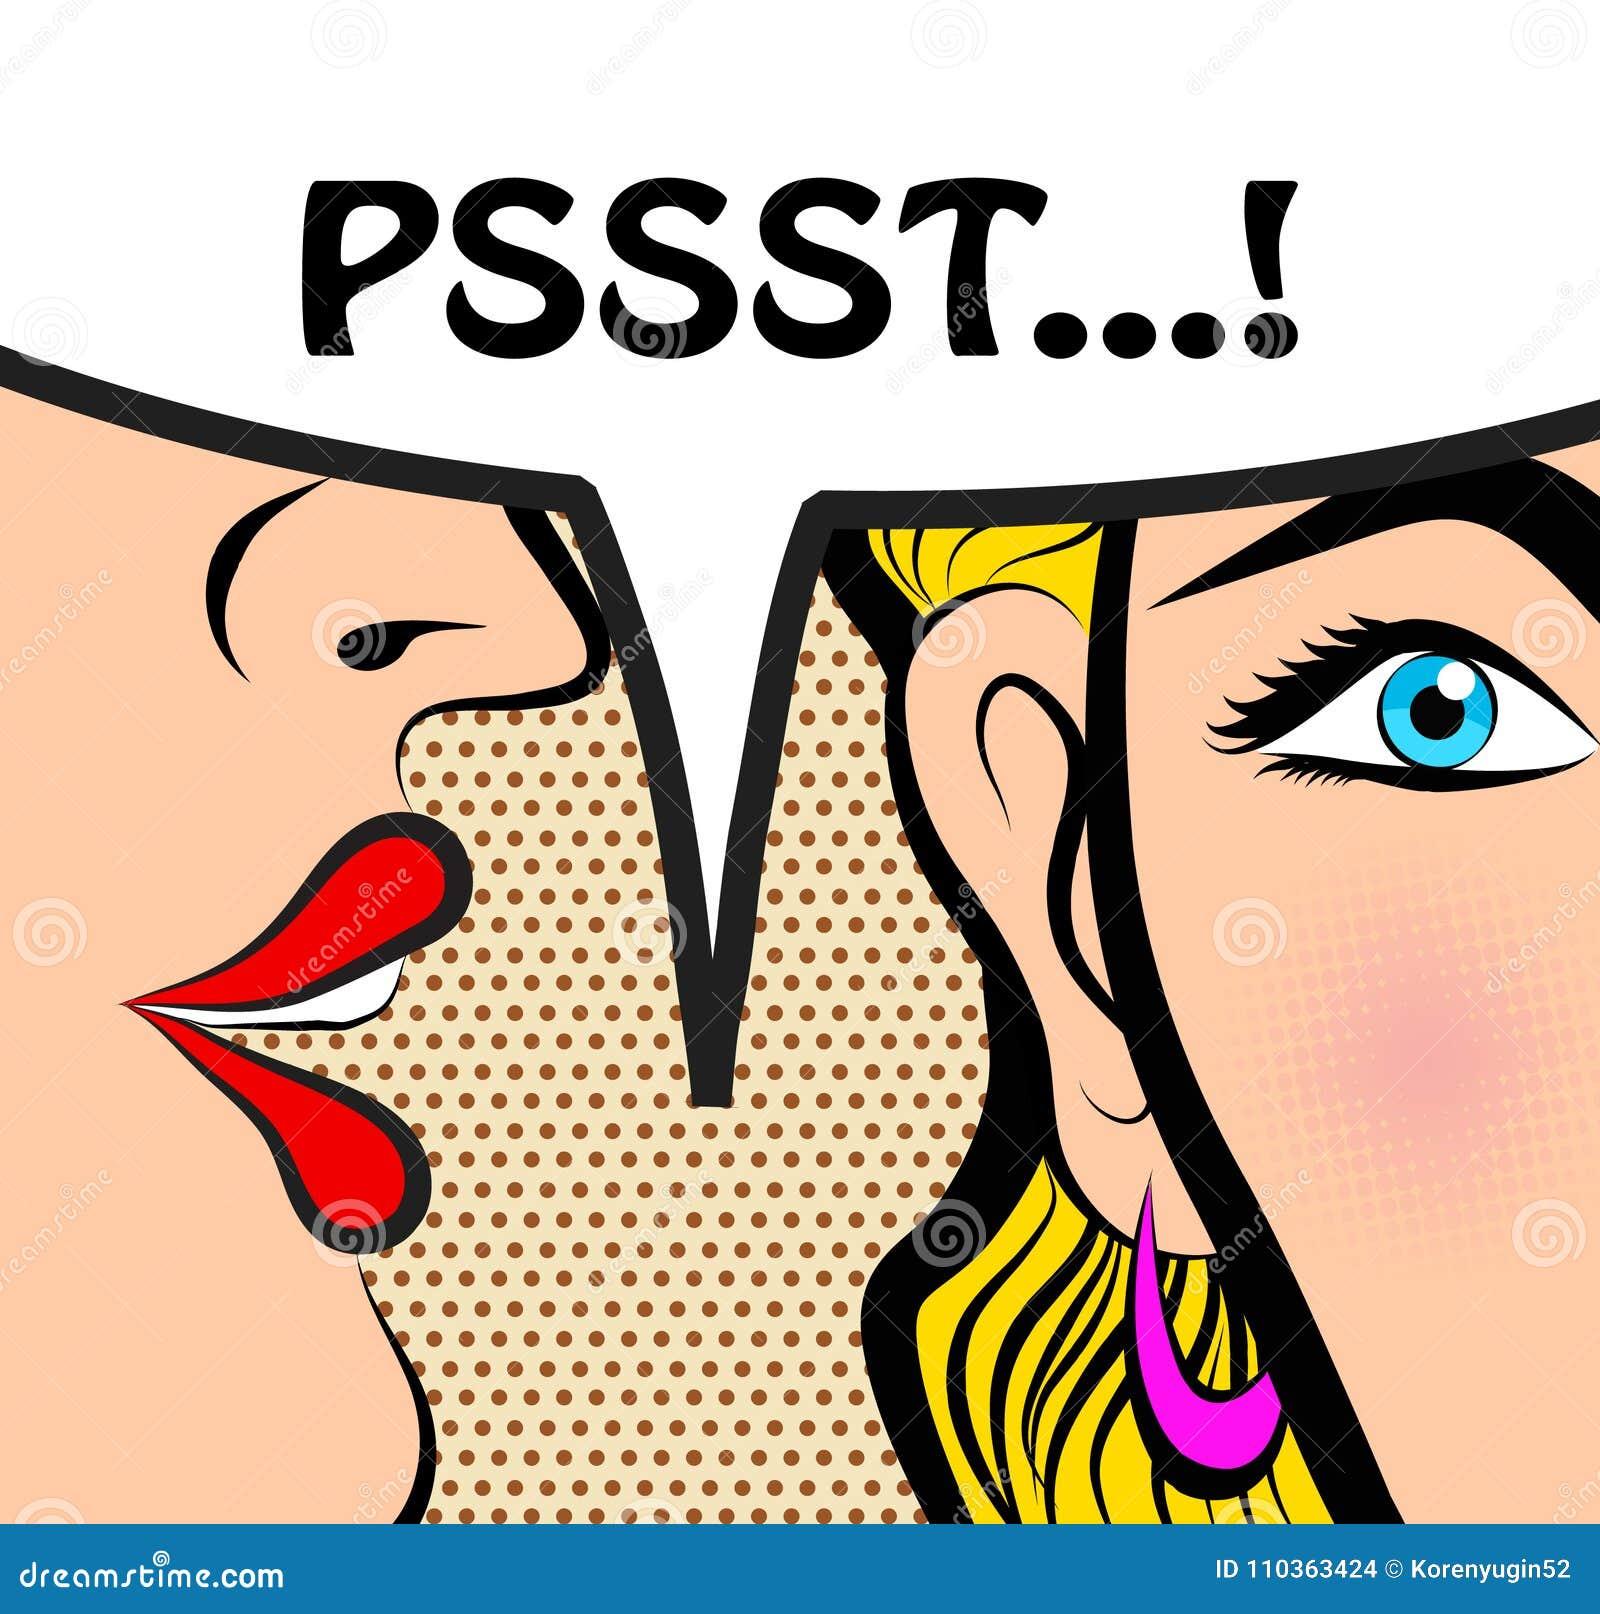 Pop Art Style Comic Book Panel Gossip Girl Whispering In Ear Sec ...